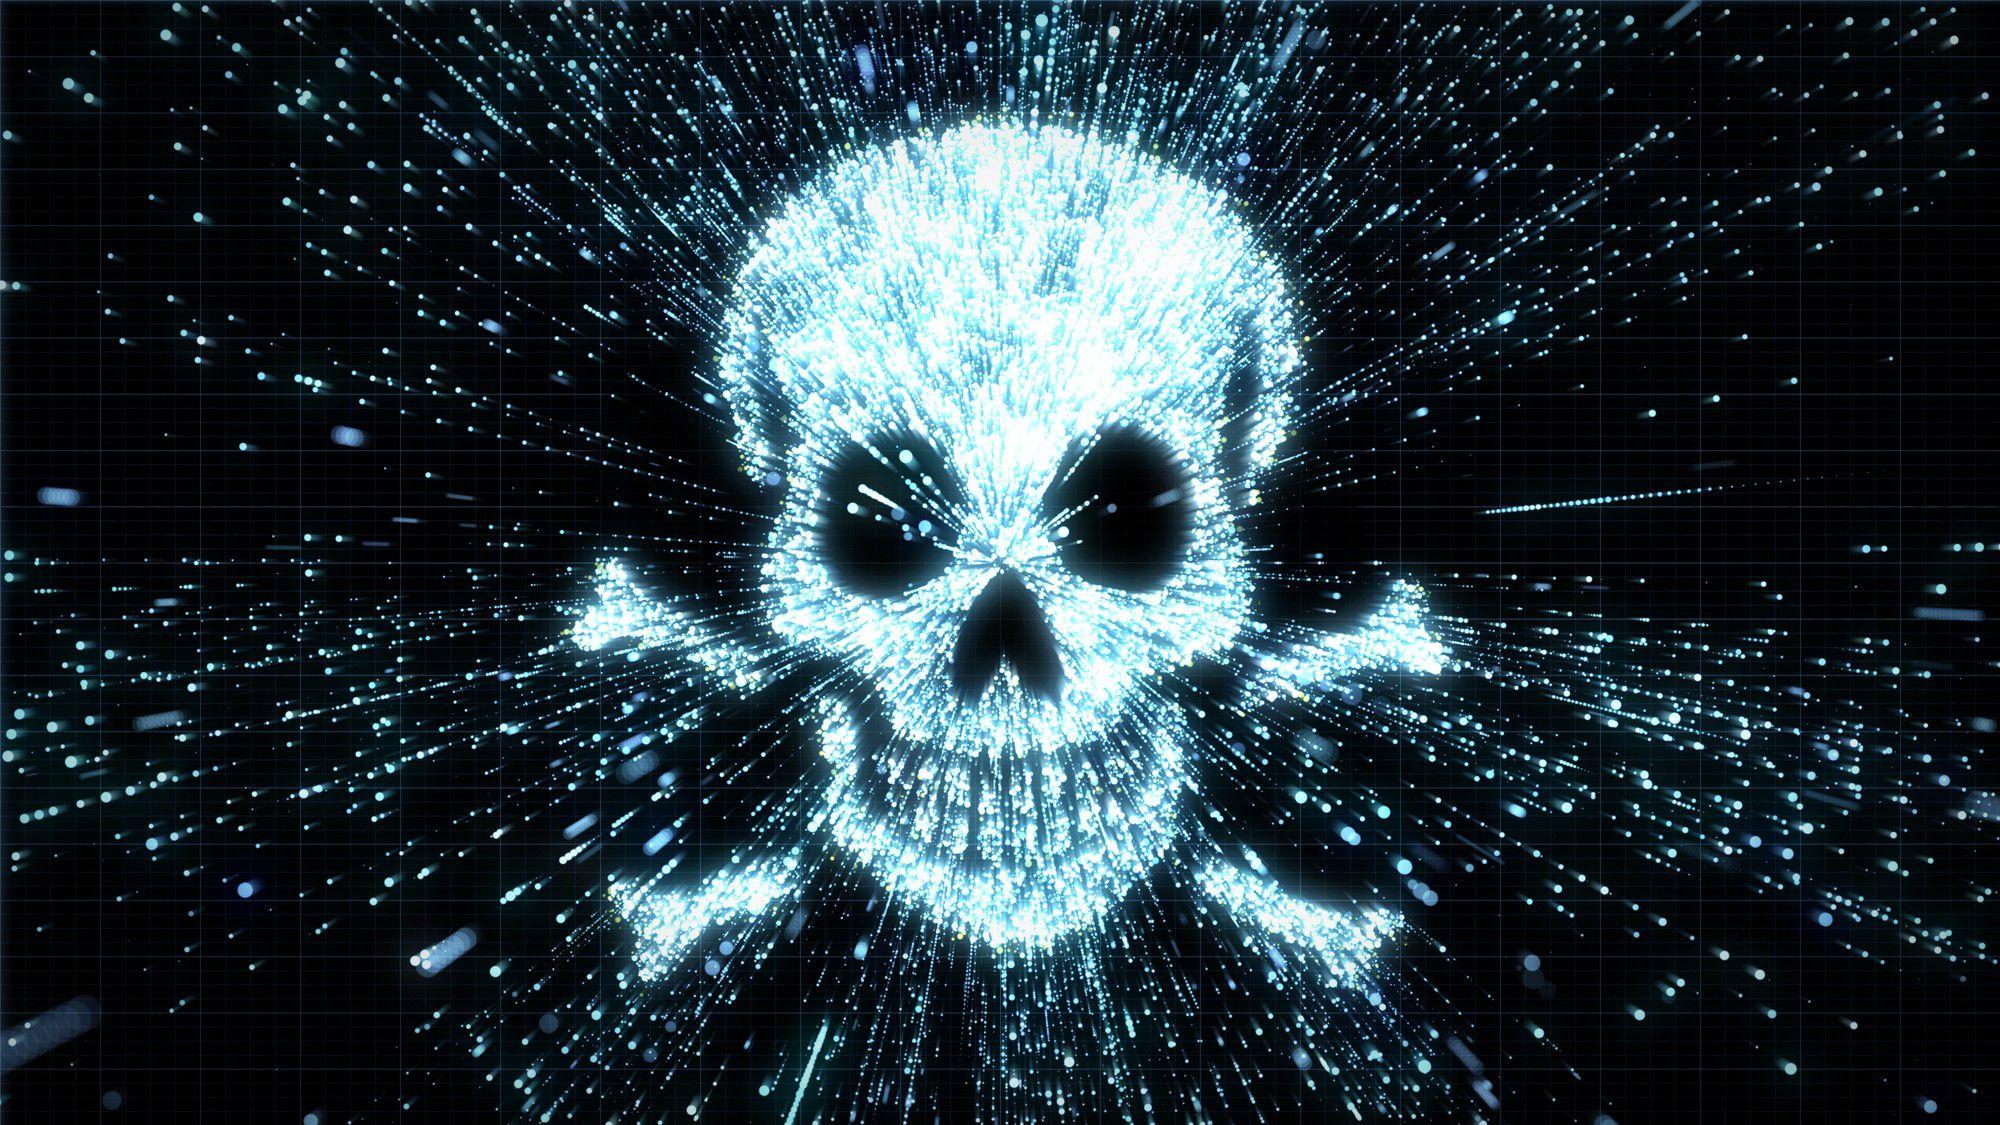 Aunque no todas las páginas piratas sean peligrosas, la mayoría pueden ser un foco de información maliciosa para un computador. (Imagen: Shutterstock)